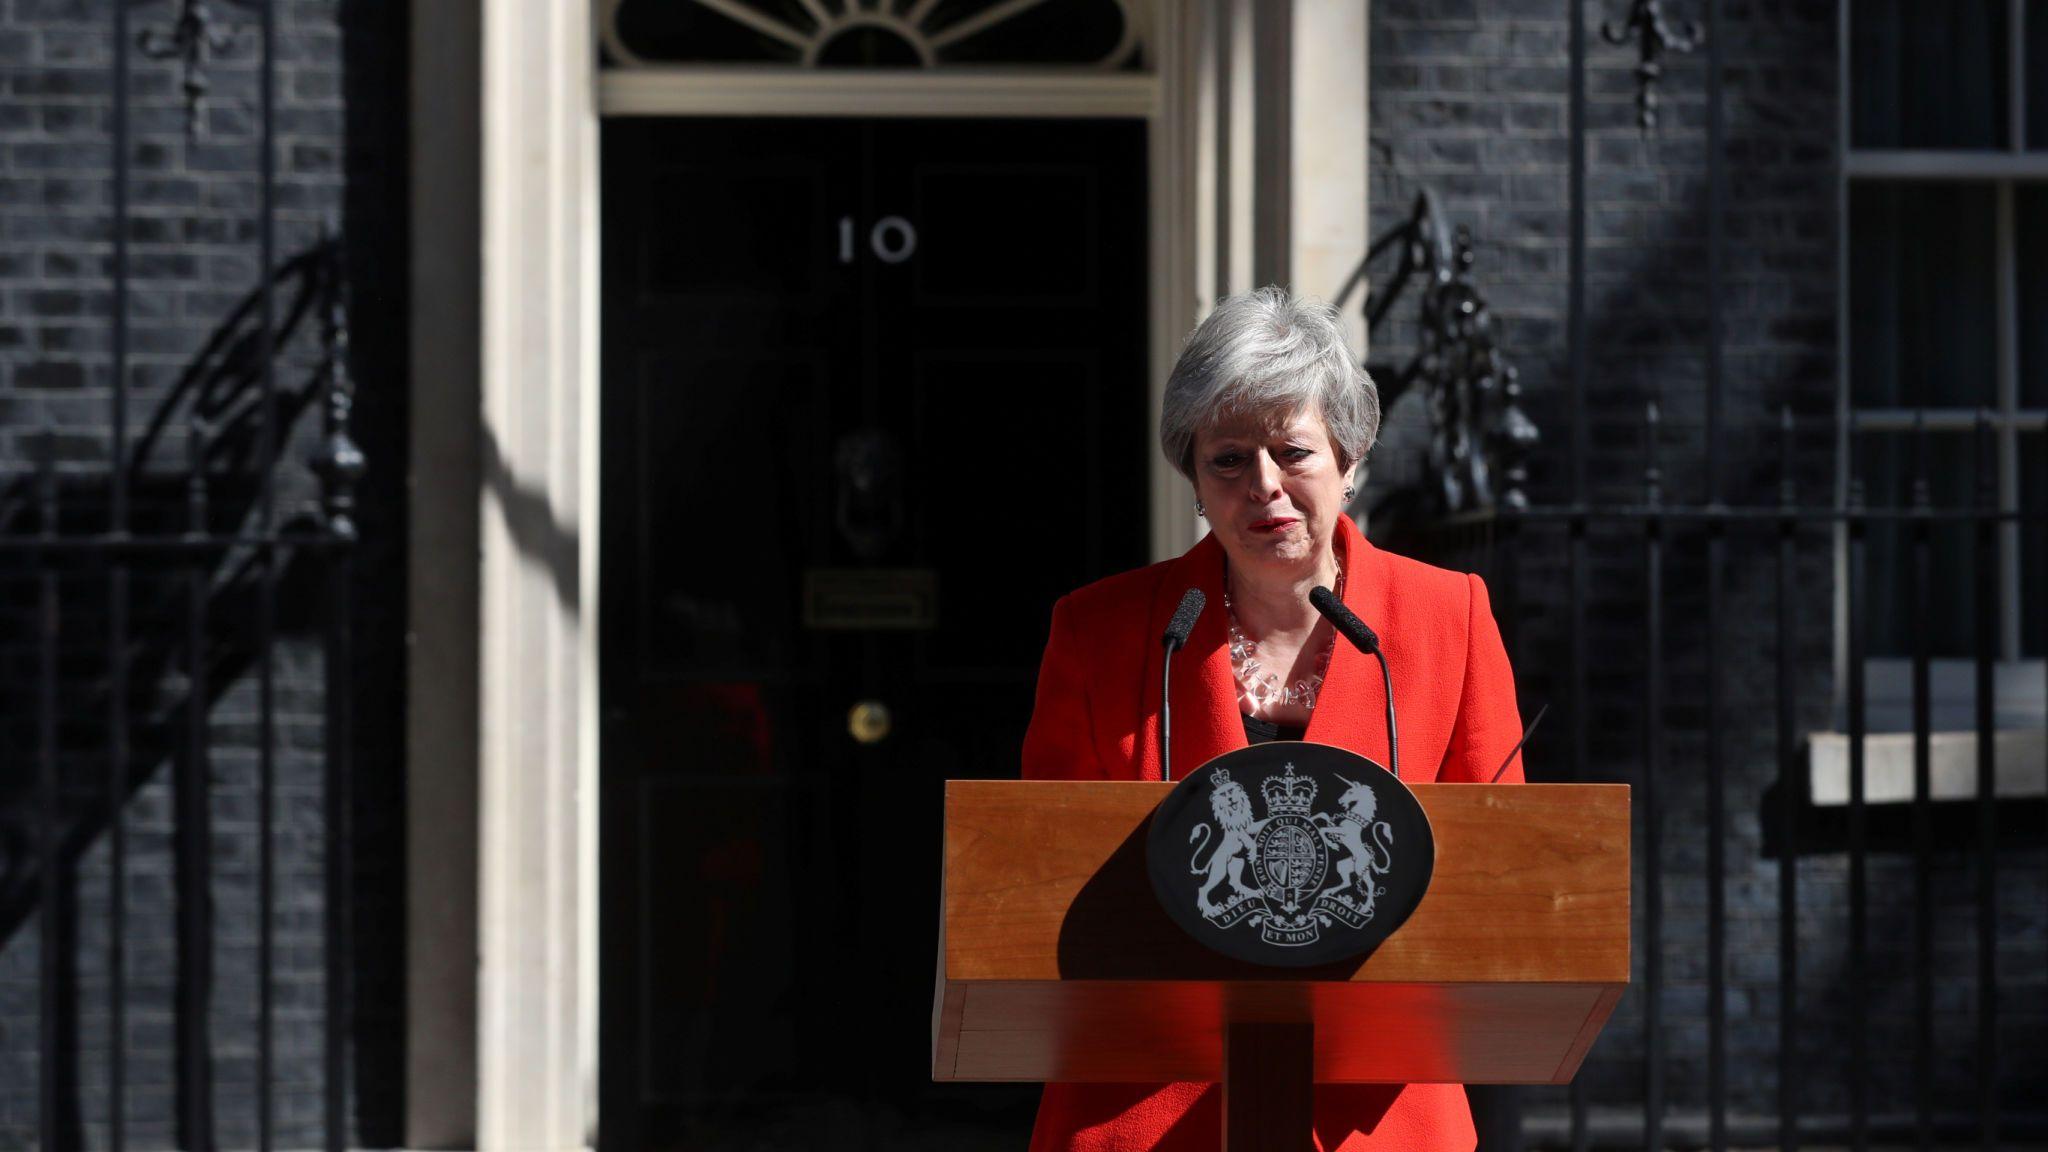 چرا نخست وزیر بریتانیا استعفا کرد؟/سرنوشت برگزیت چه میشود؟